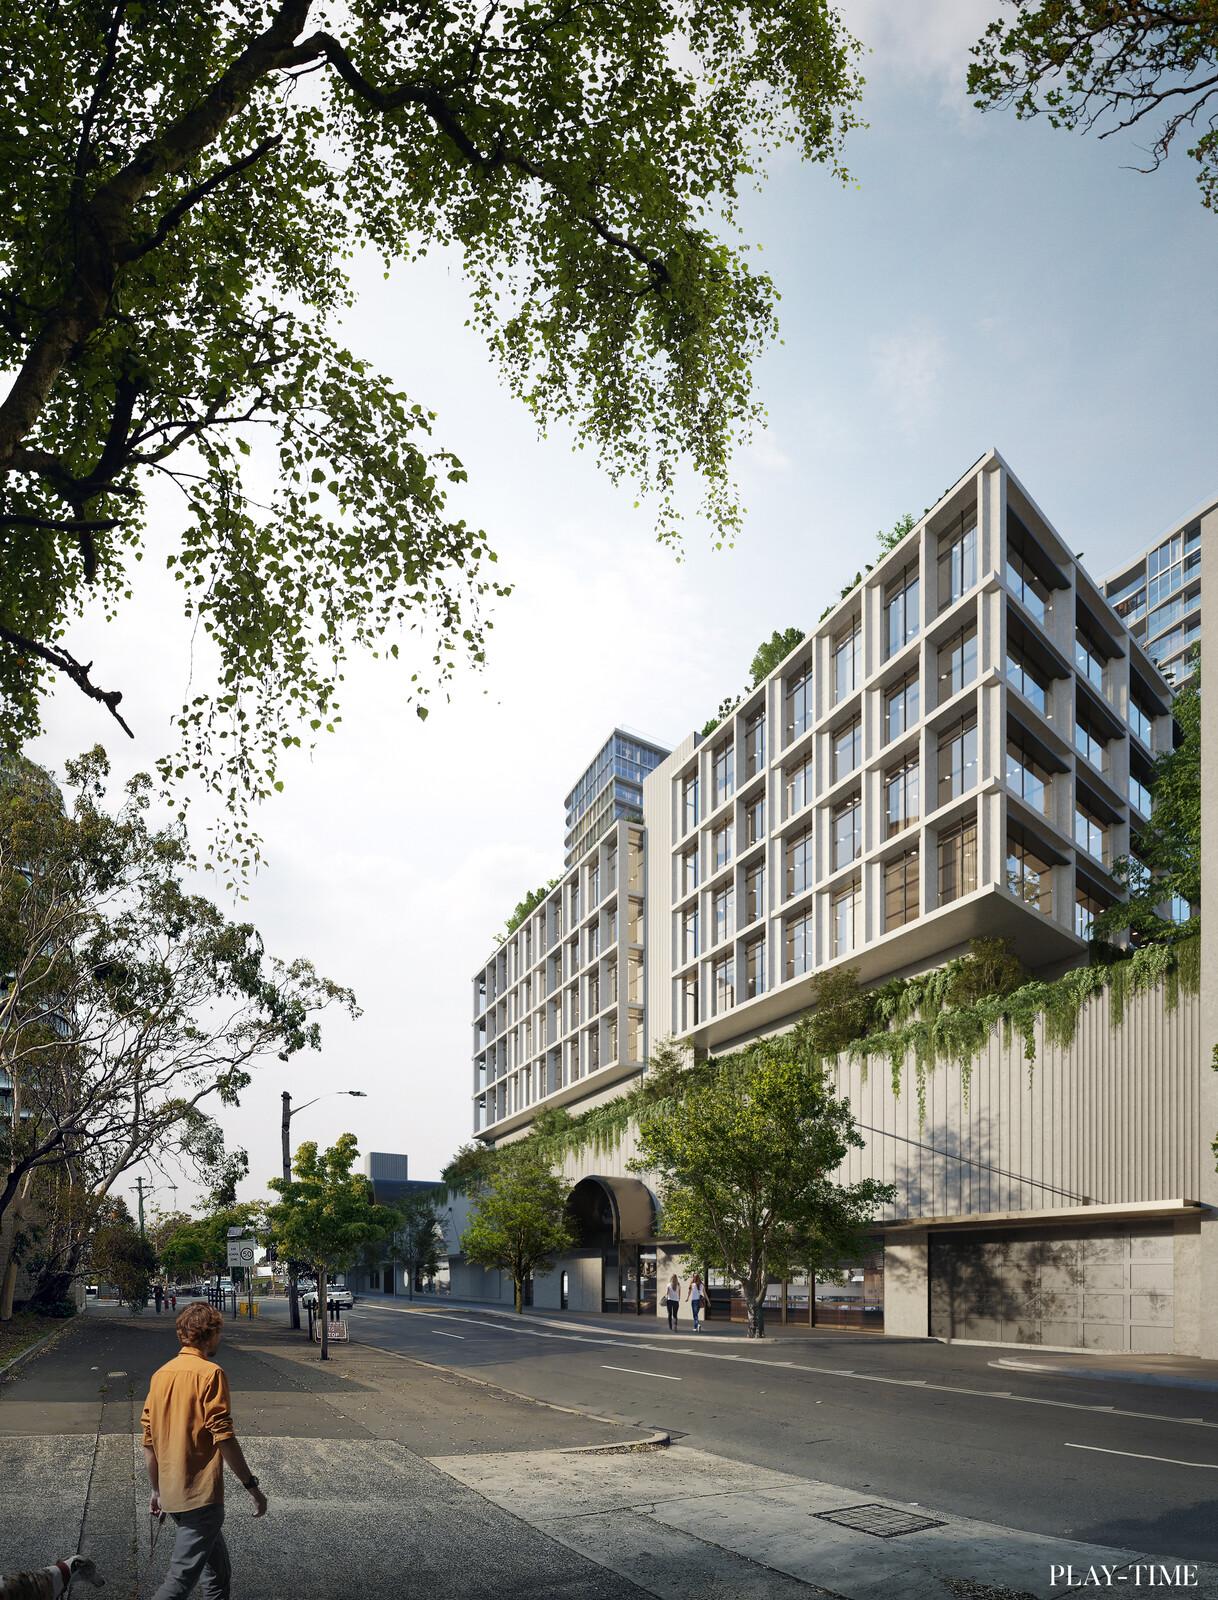 New Emerald City Green Square